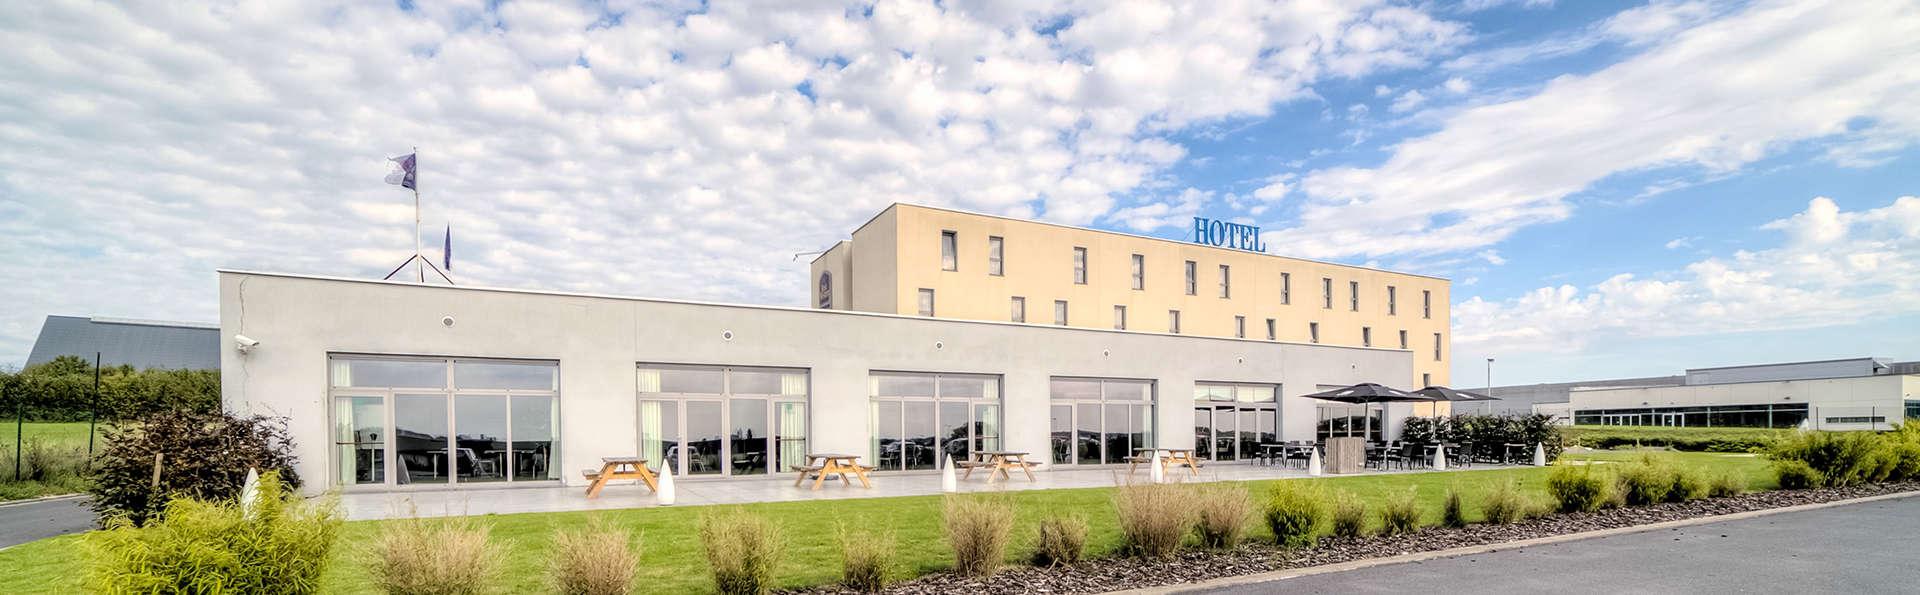 """Résultat de recherche d'images pour """"Hotel horizon ath"""""""